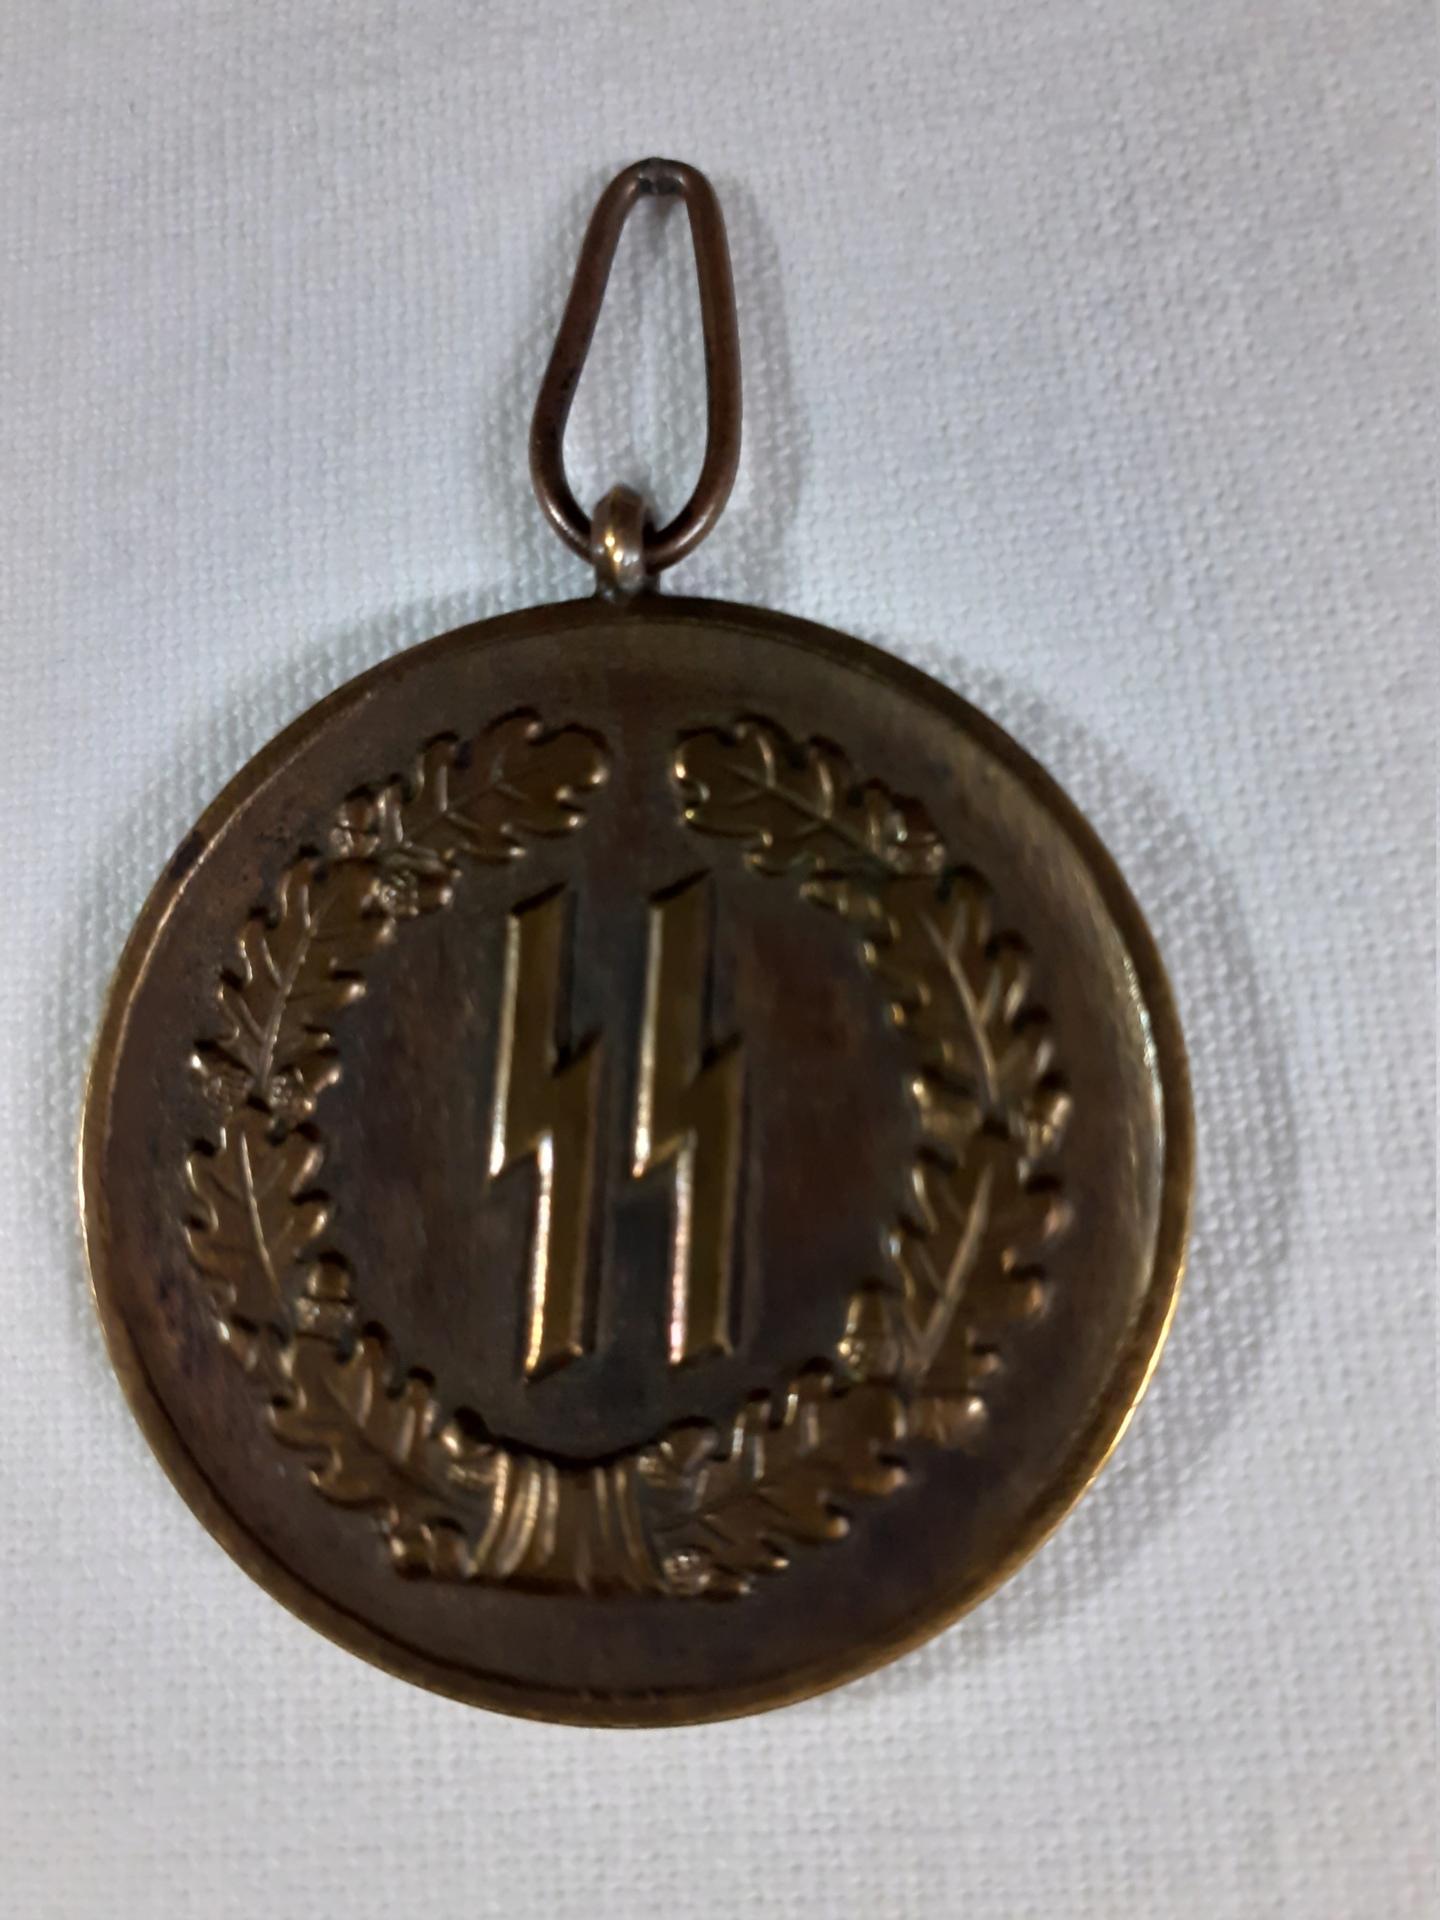 Médaille 4 ans de services dans la SS? 20210816